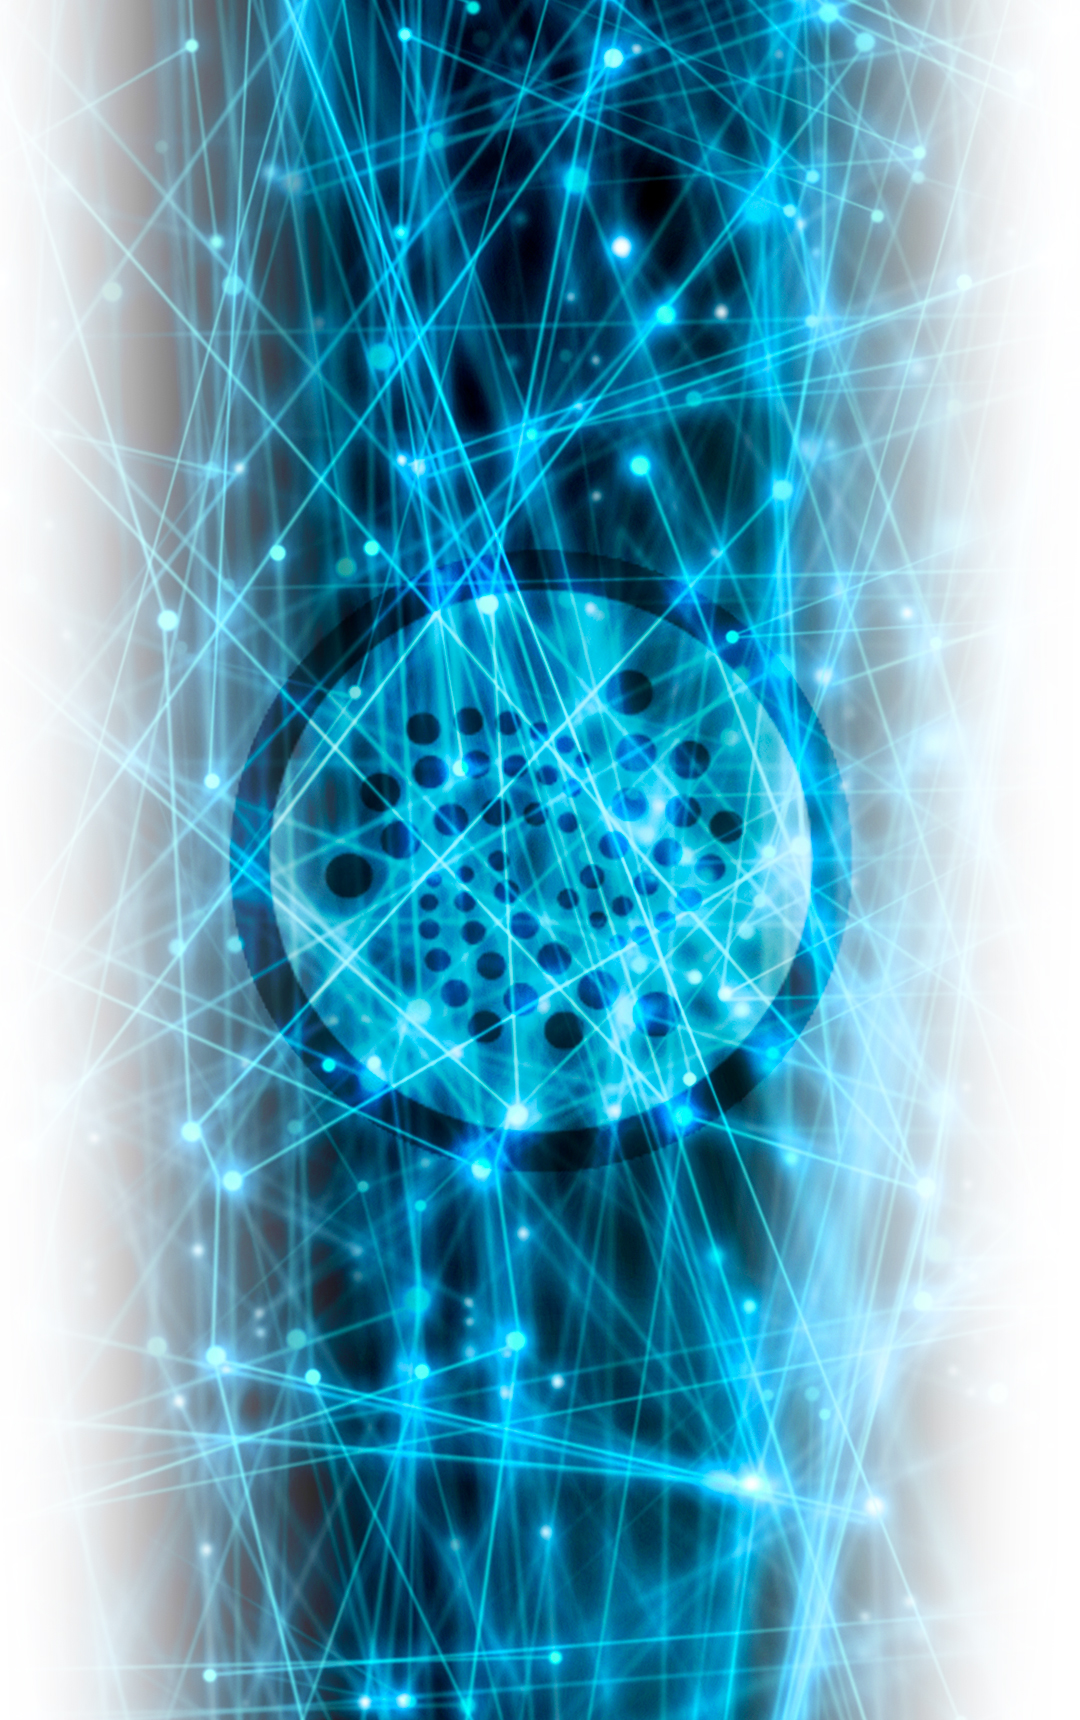 Icono - tangle - Artech Digital